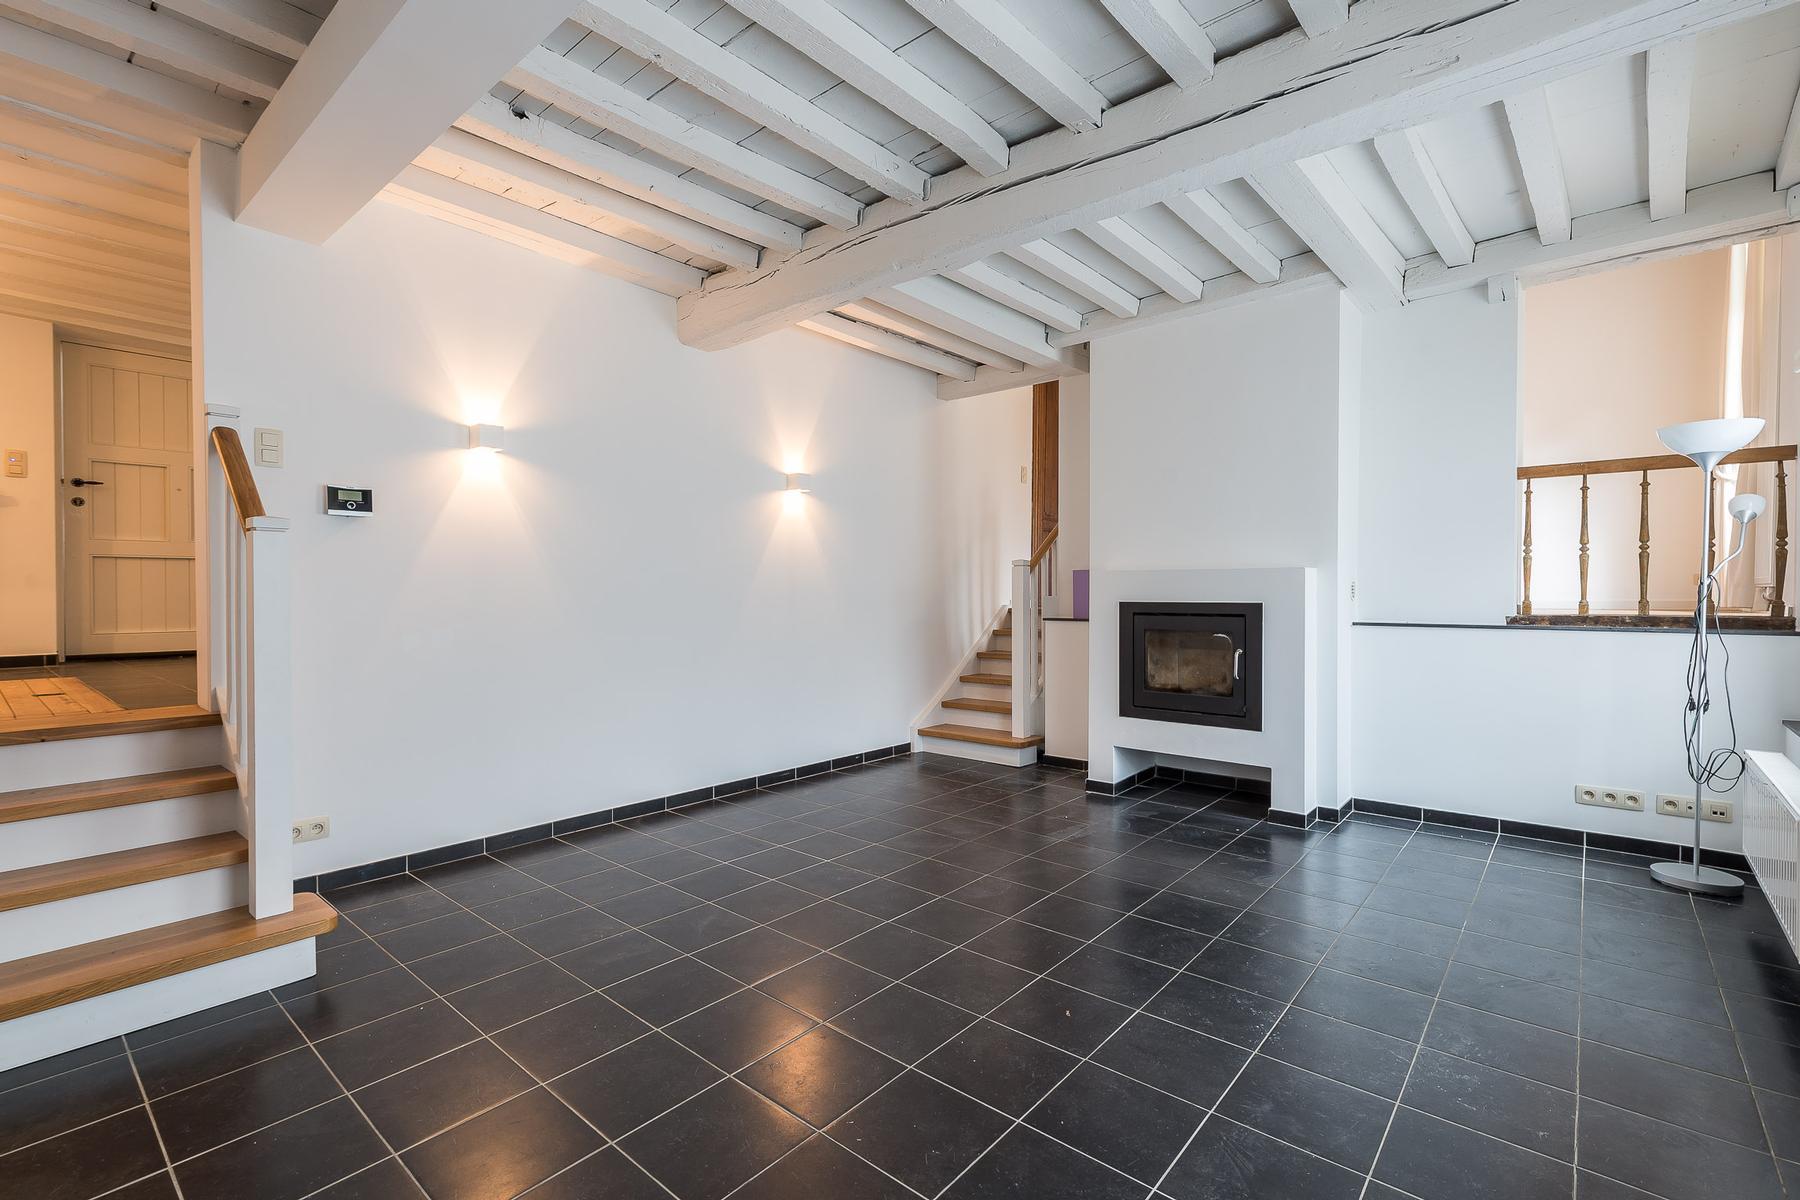 Другая жилая недвижимость для того Аренда на Woluwe-Saint-Pierre I Parc de la Woluwe 119 Bovenberg, Brussels, Brussels, 1150 Бельгия